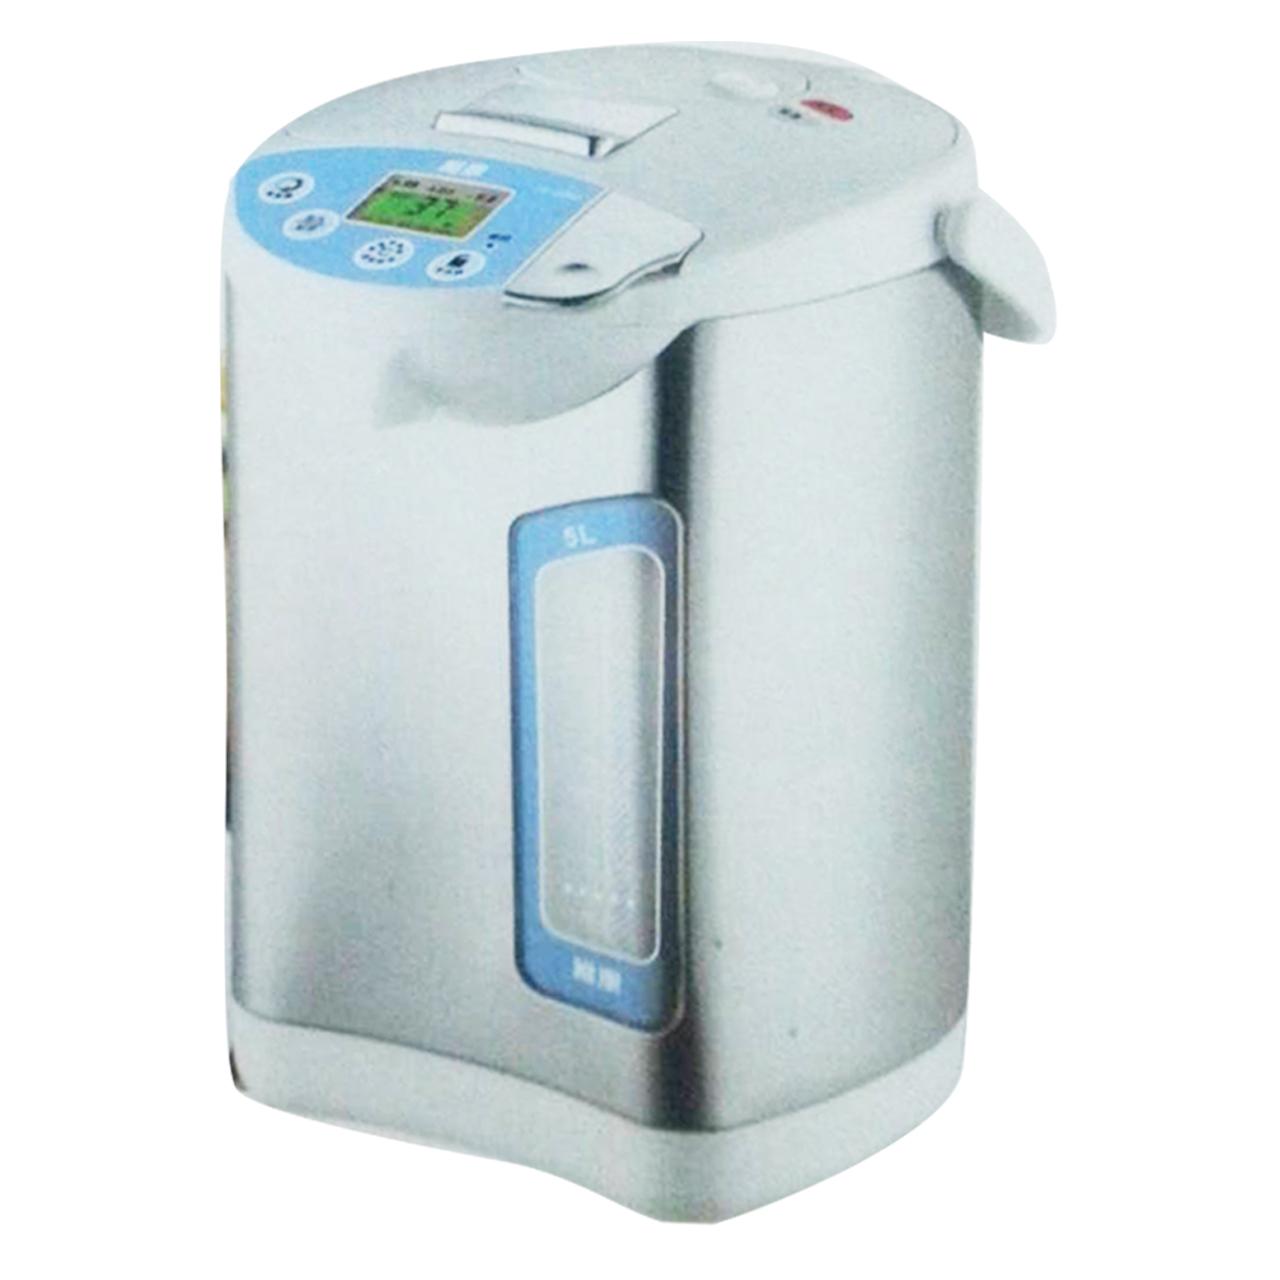 【維康】五段式定溫電熱水瓶 PT-5260